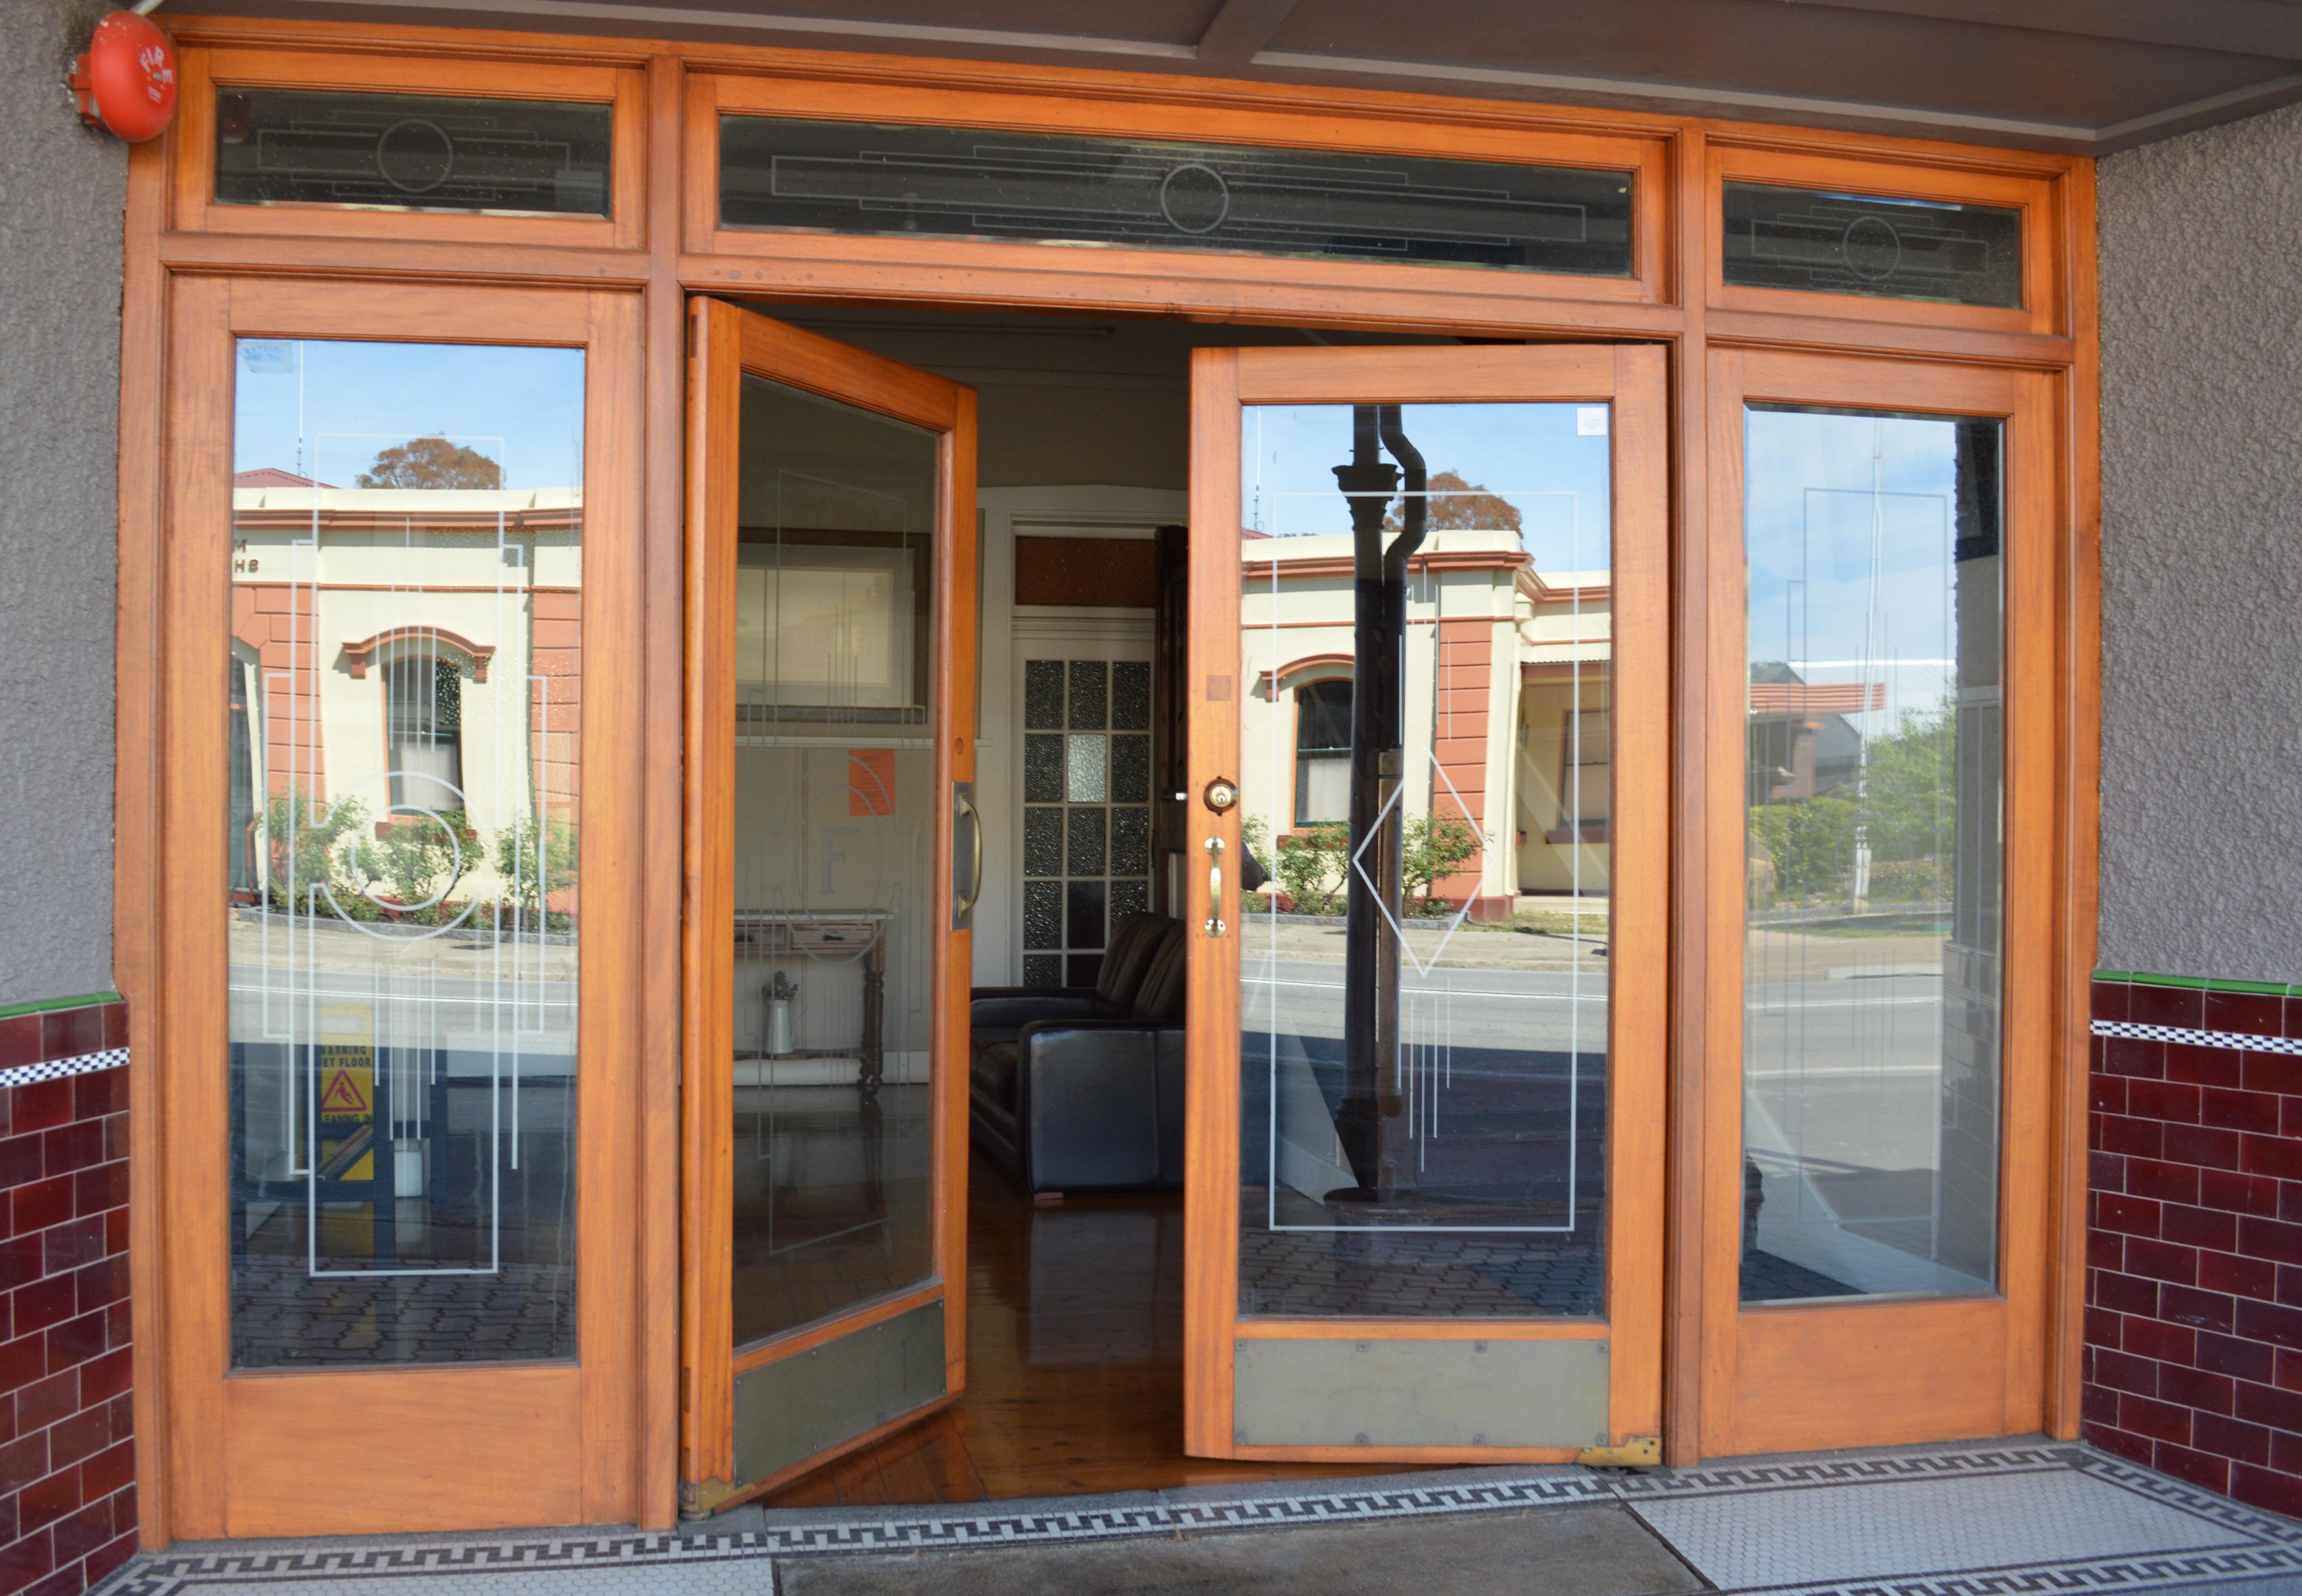 FileMurrurundi White Hart Hotel Doors.JPG & File:Murrurundi White Hart Hotel Doors.JPG - Wikimedia Commons